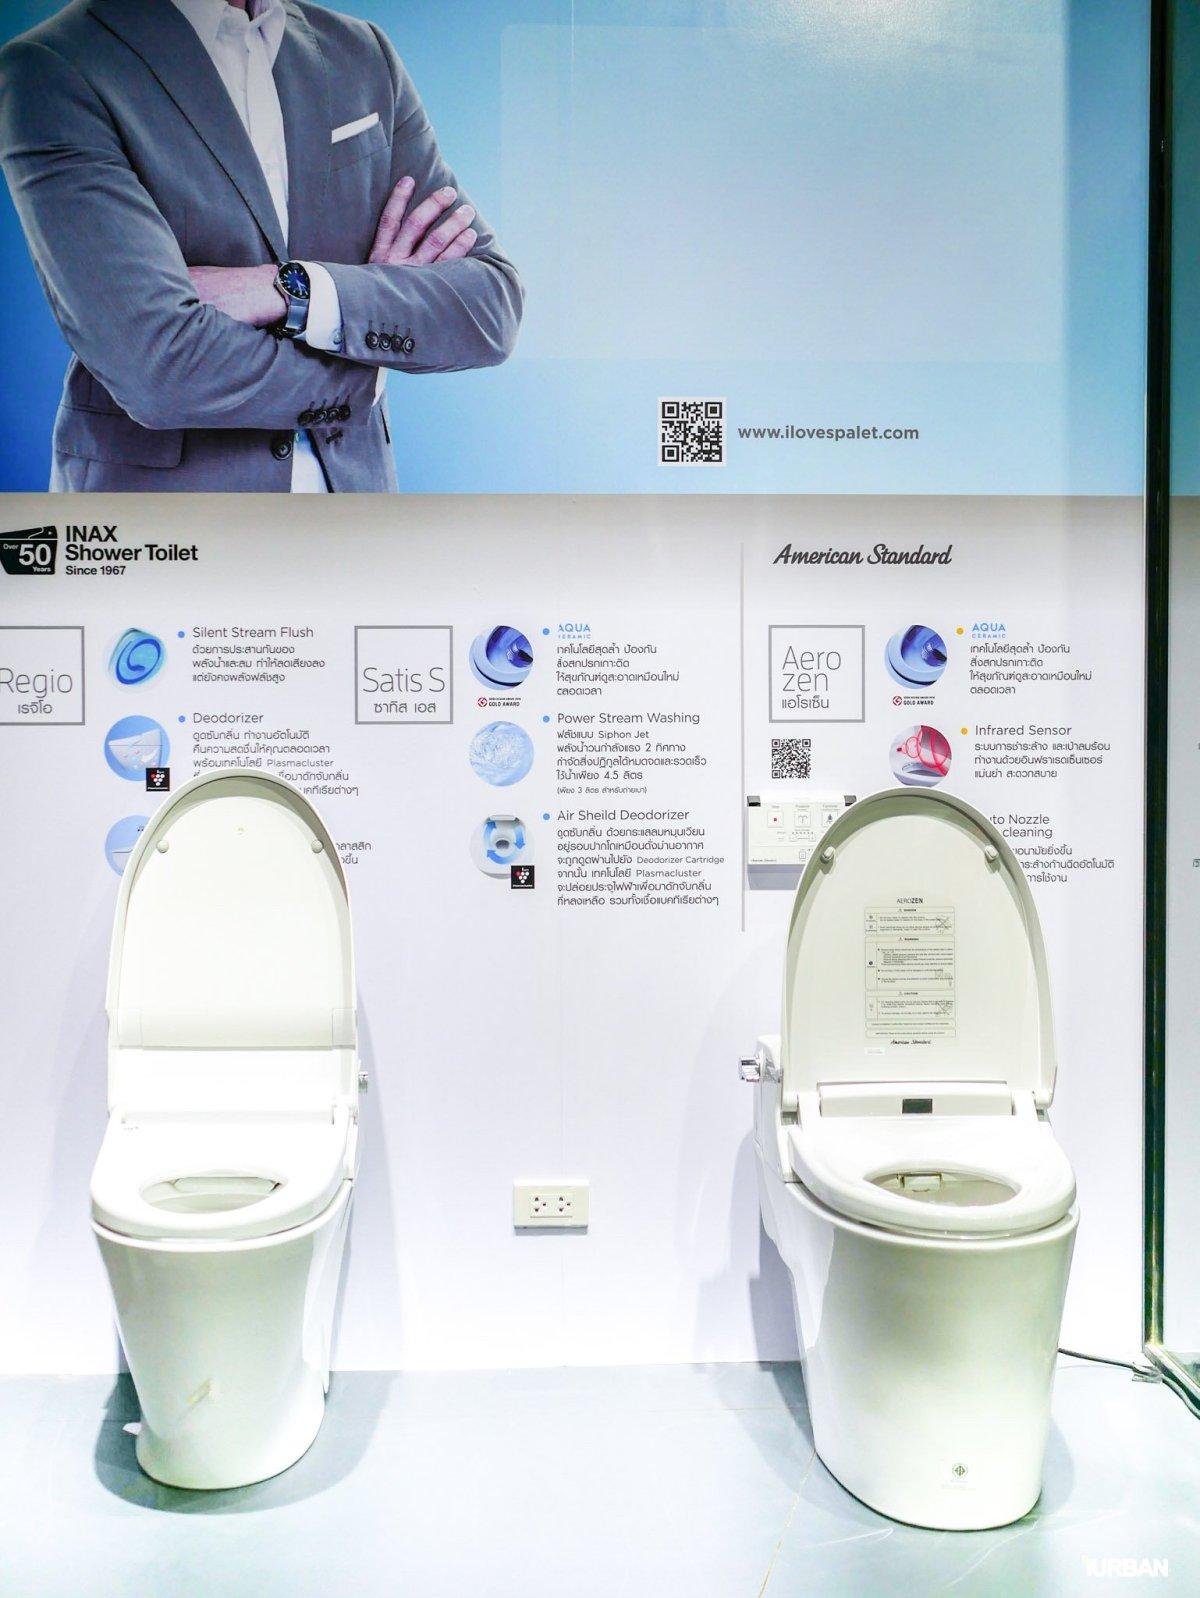 ปฏิวัติวงการเซรามิค 100 ปี ยังดูดีเหมือนใหม่ ชมนวัตกรรมสุขภัณฑ์ใหม่ในงานสถาปนิก '61 48 - American Standard